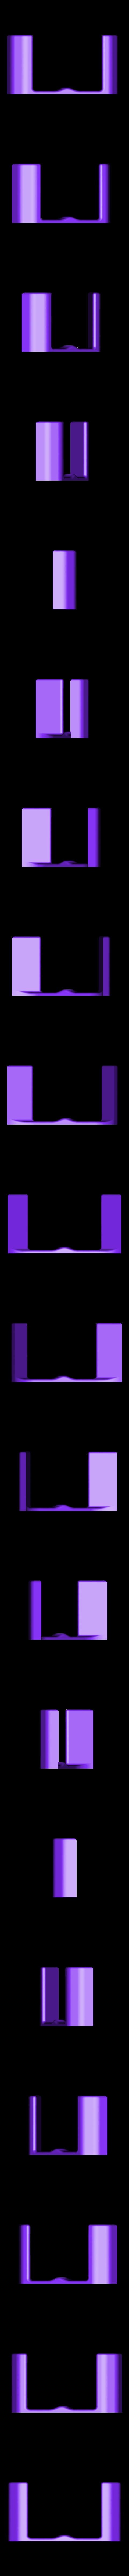 QuadHookLong.stl Download free STL file Generic Quadcopter Wall Hook • 3D printer design, roguemat